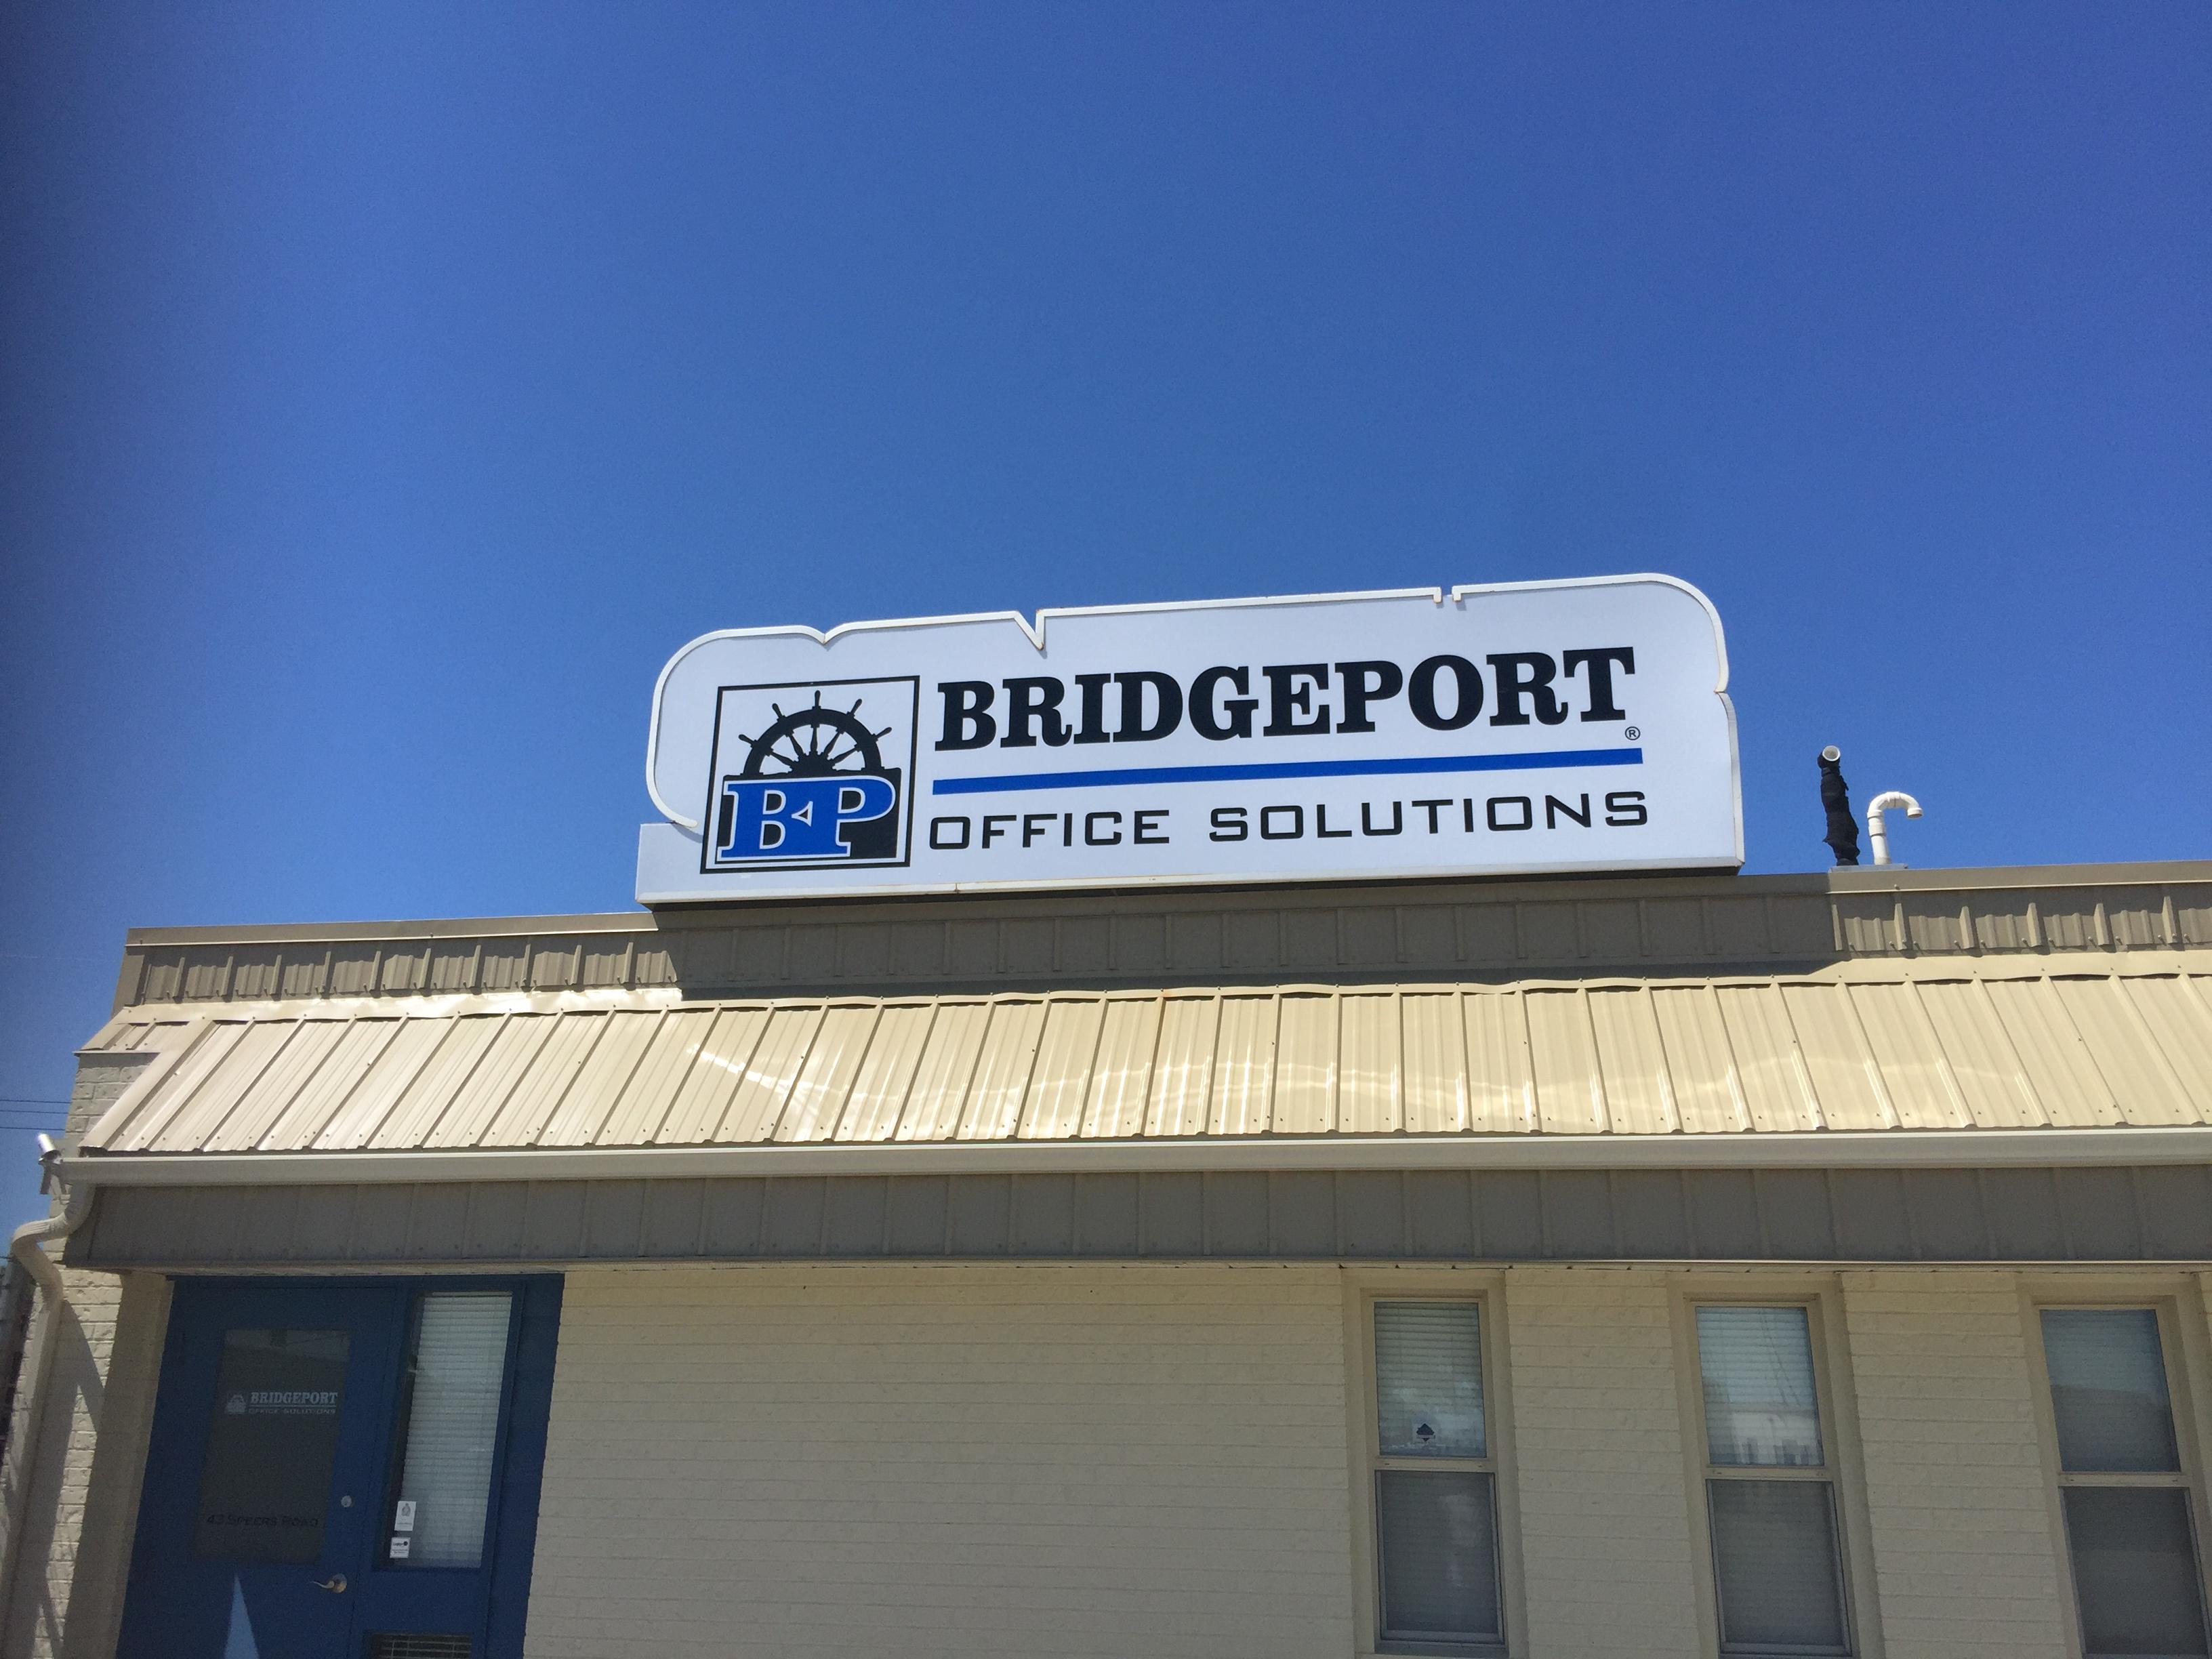 https://0901.nccdn.net/4_2/000/000/081/4ce/bridgeport-roof-sign-3264x2448.jpg